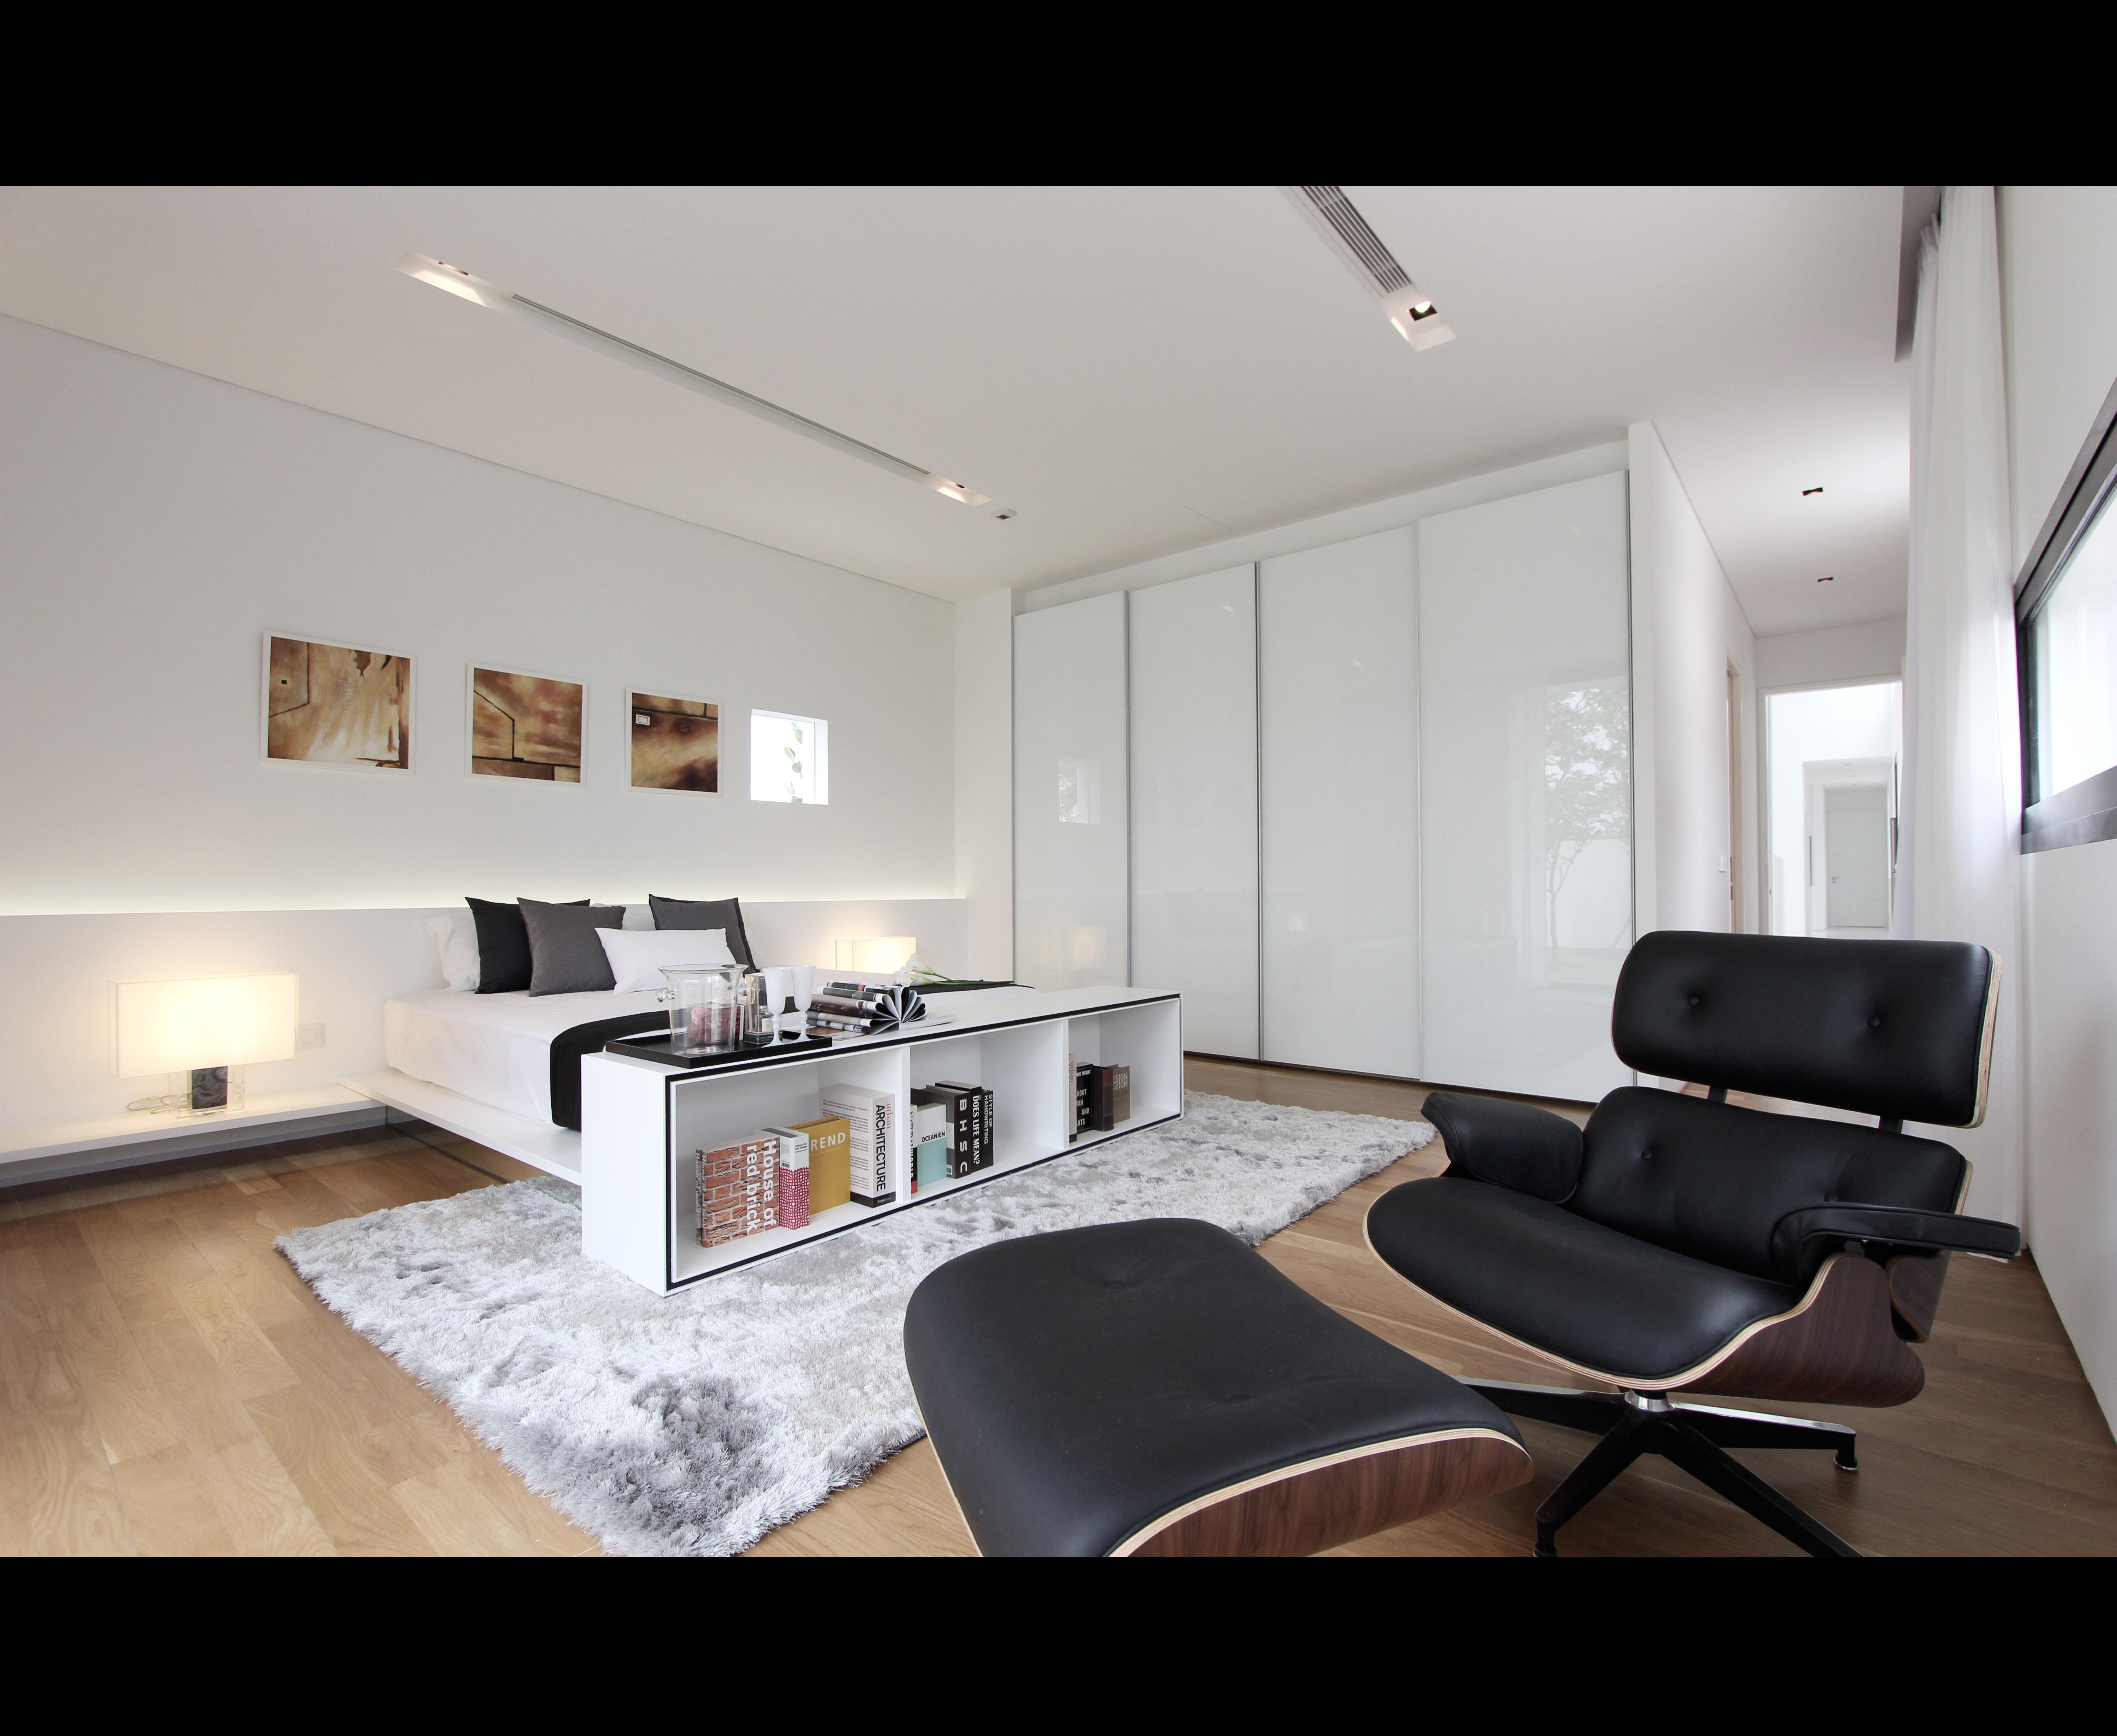 Plot 1 - Bedroom 1